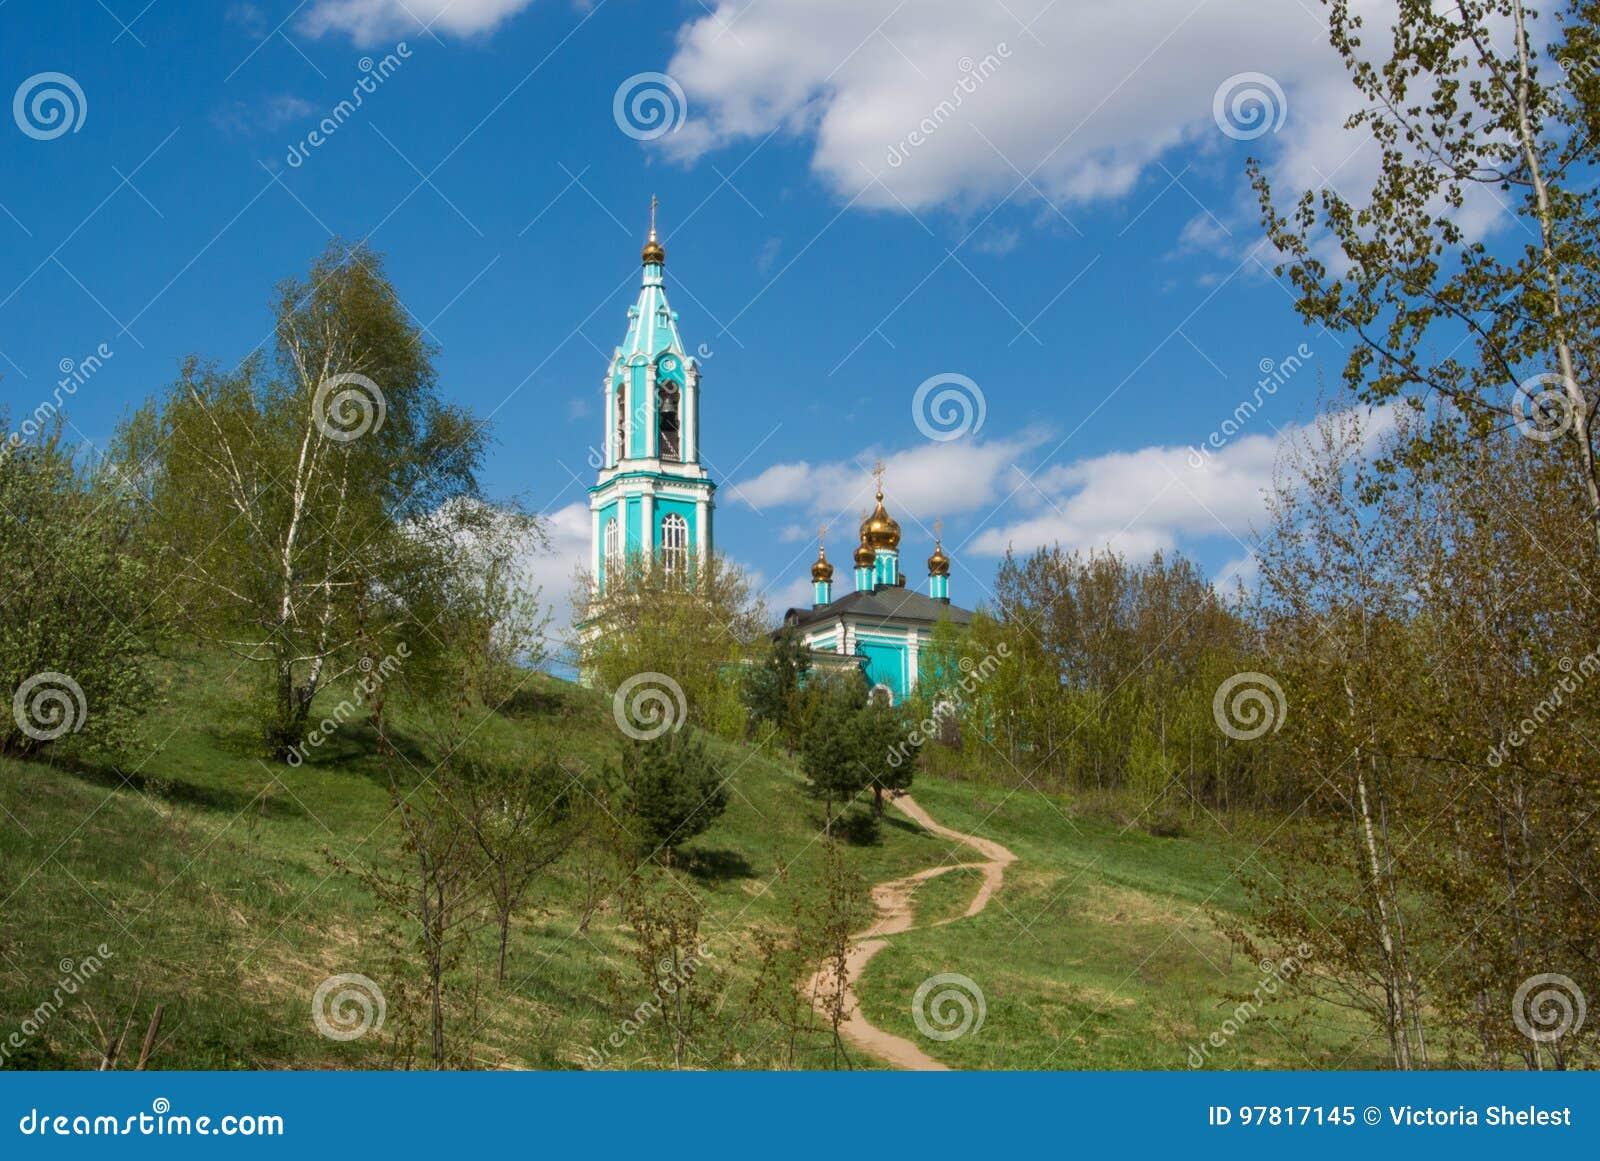 Κανονική άποψη της μικρής ρωσικής εκκλησίας ortodox πέρα από το λόφο, του όμορφου θερινού τοπίου με τα δέντρα και μιας πορείας